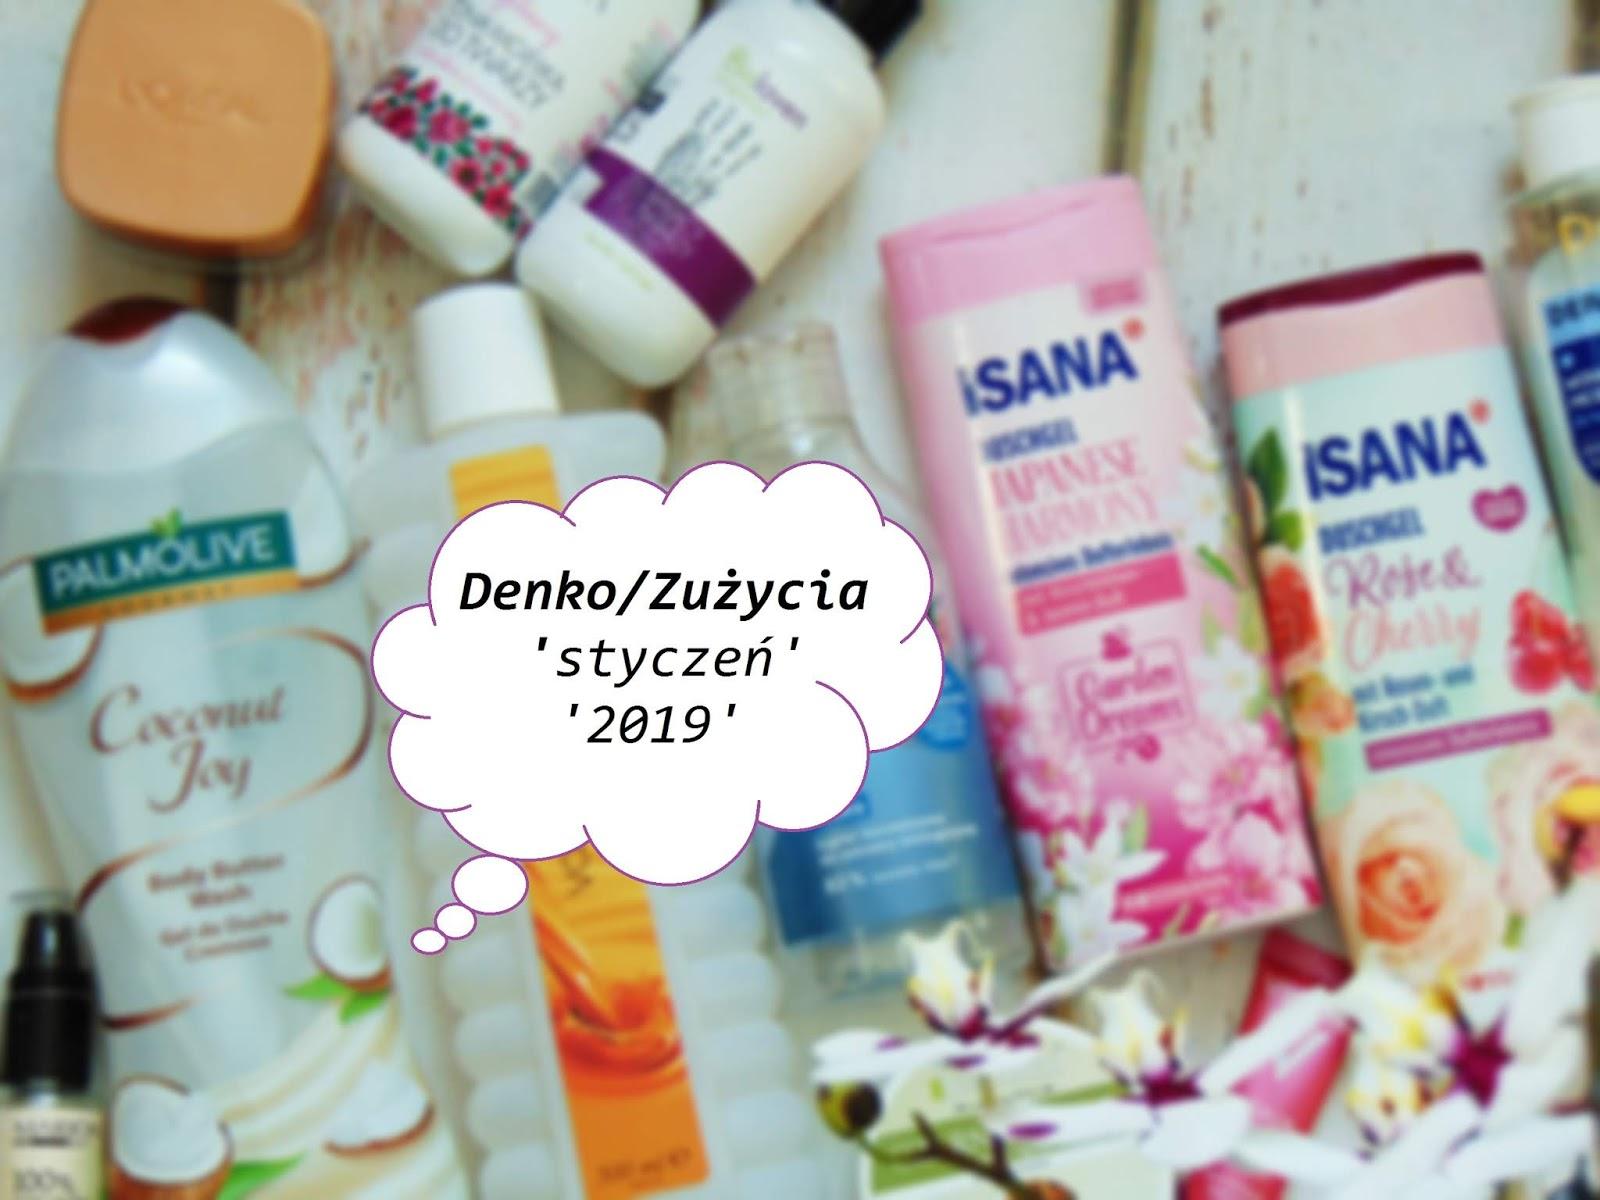 Denko / Zużycia 'styczeń 2019'